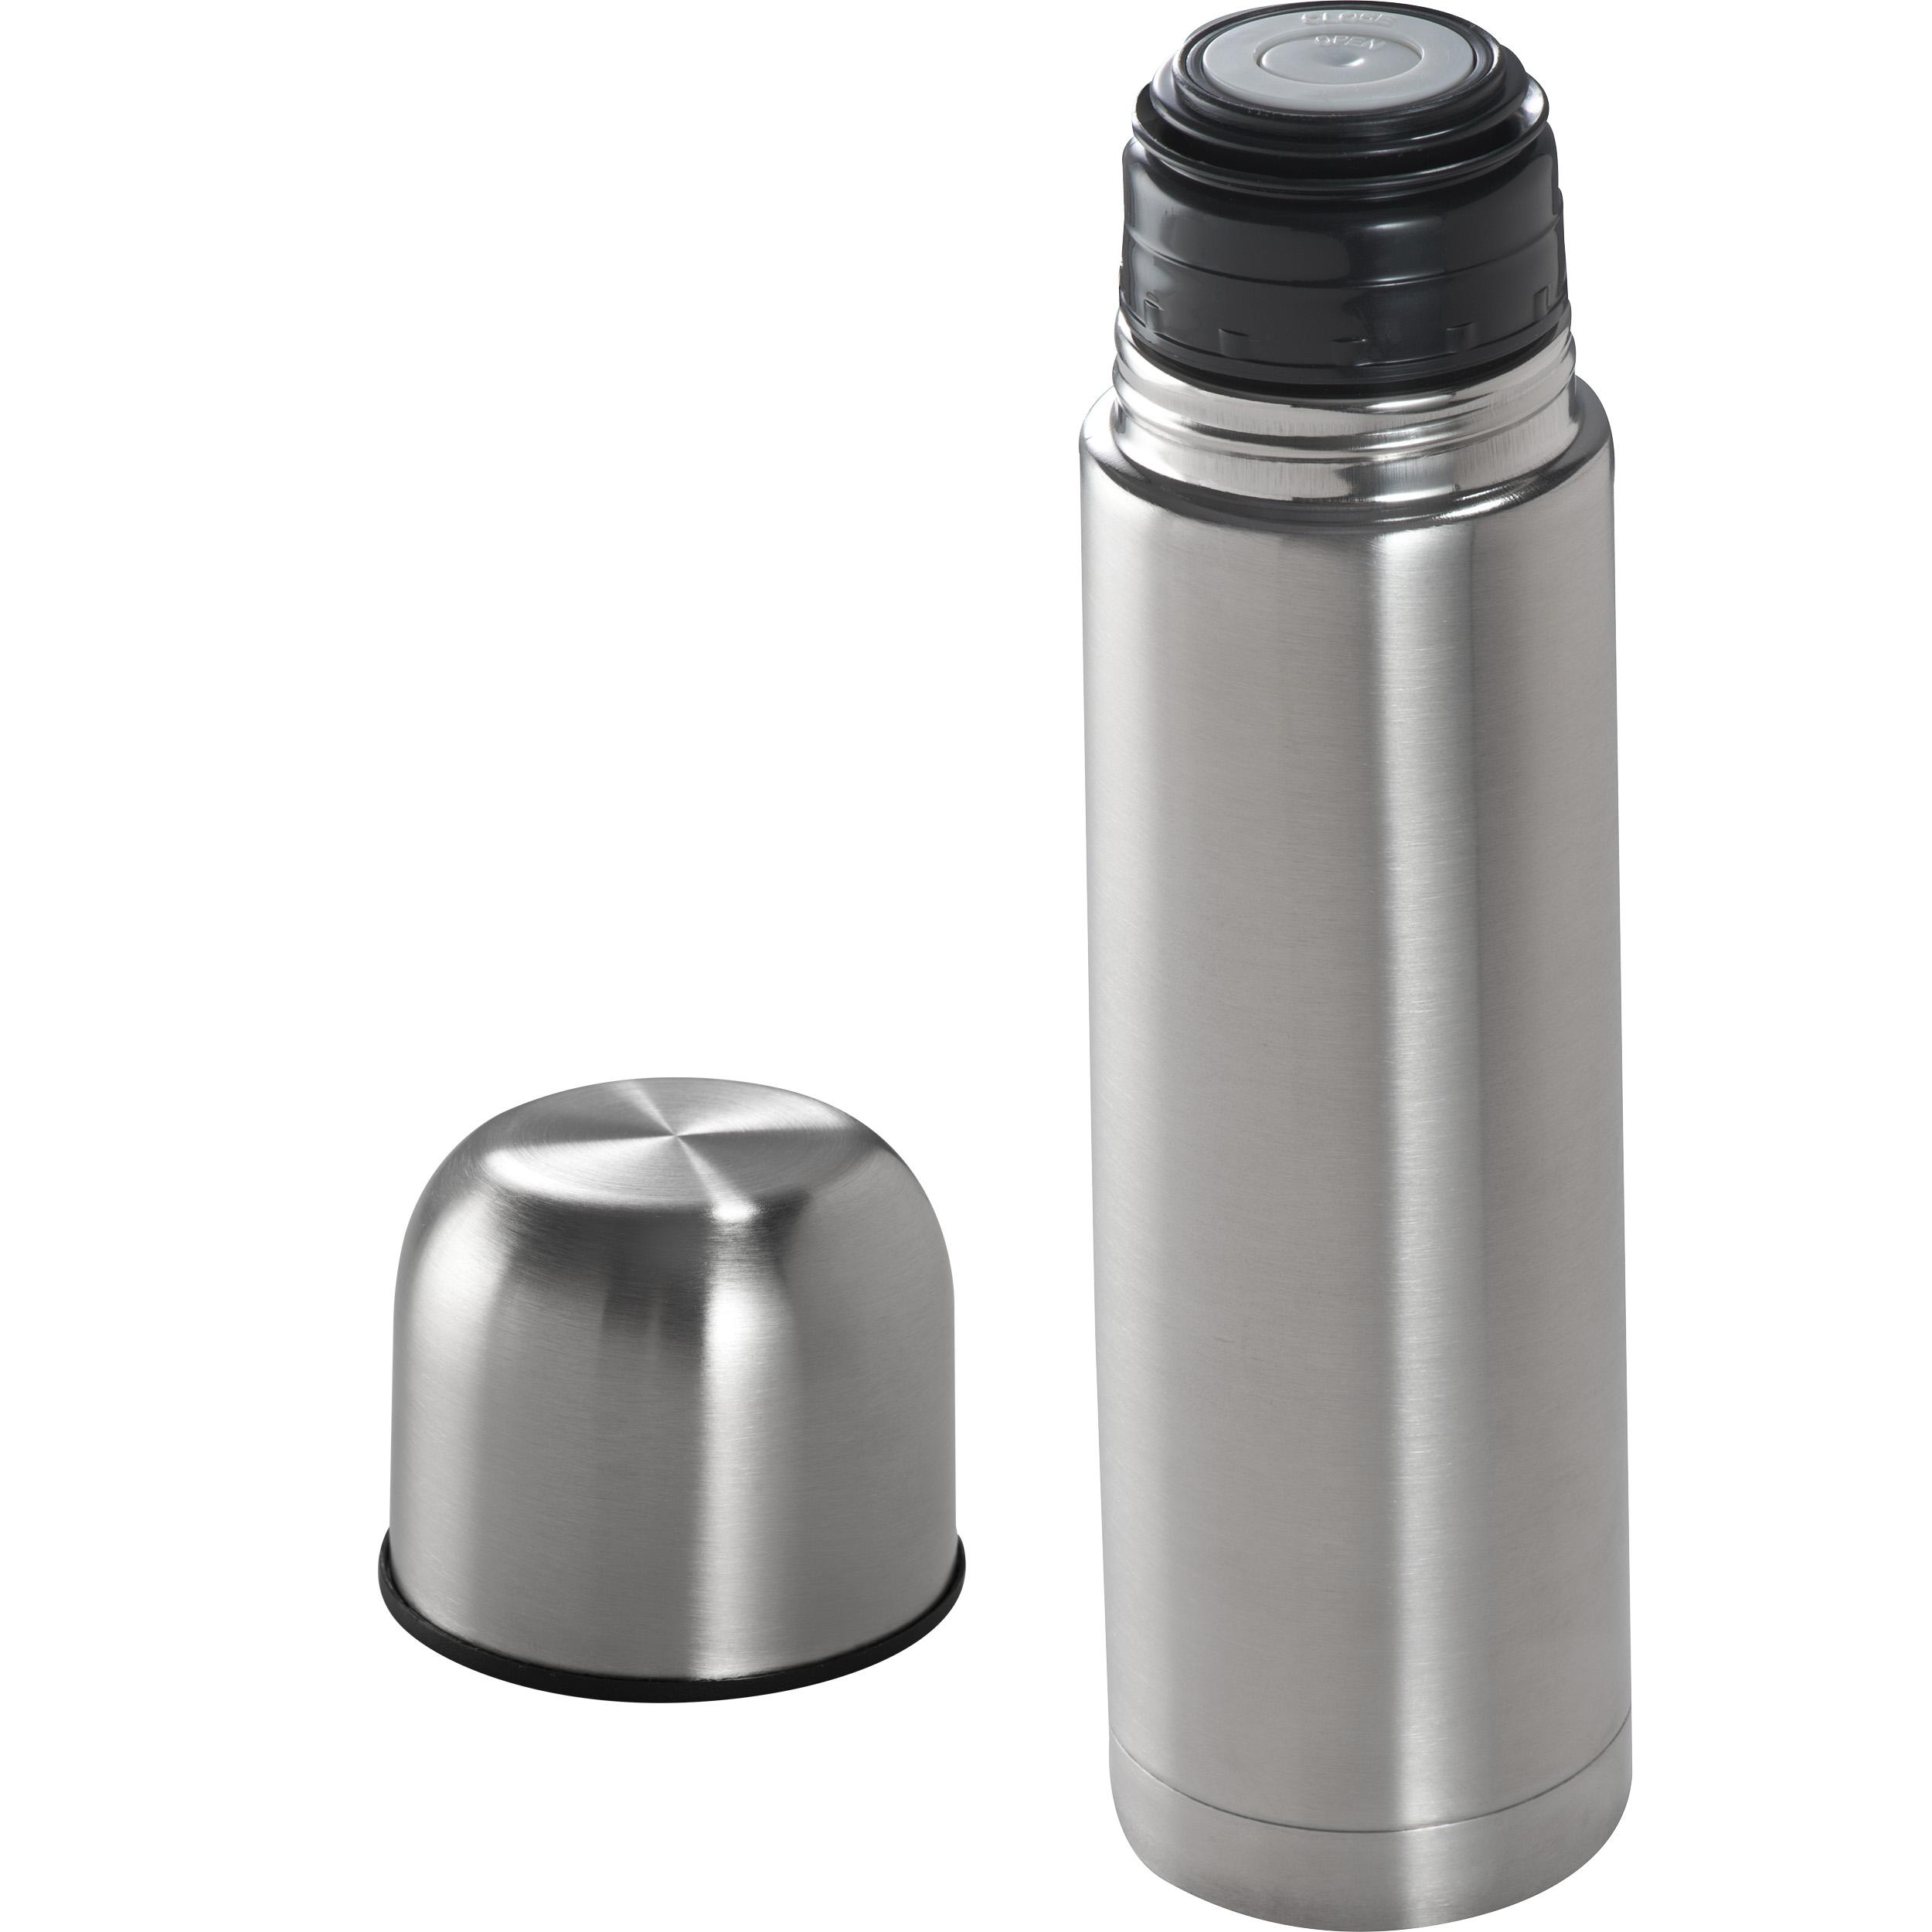 Vakuum-Isolierkanne aus Edelstahl, 500 ml